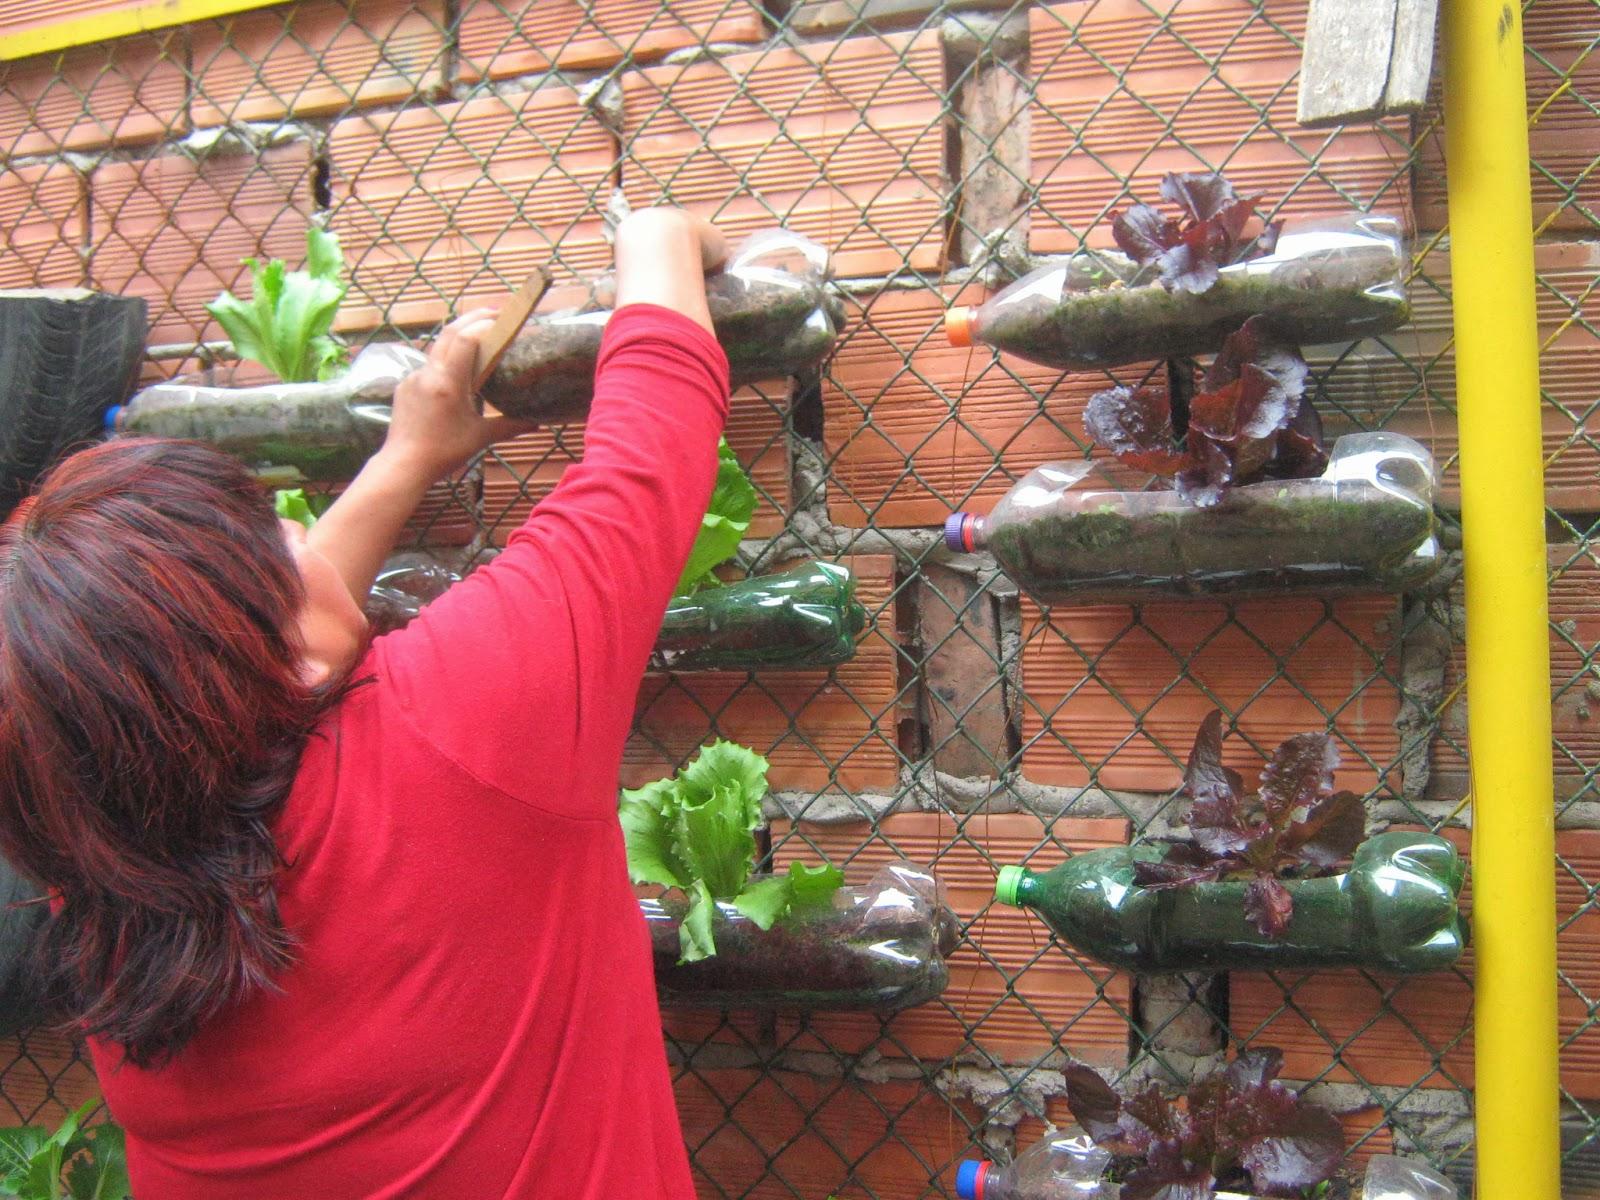 Mdls colombia agricultura urbana con personas mayores apoyada por maestros de la supervivencia - Compartir piso con personas mayores ...